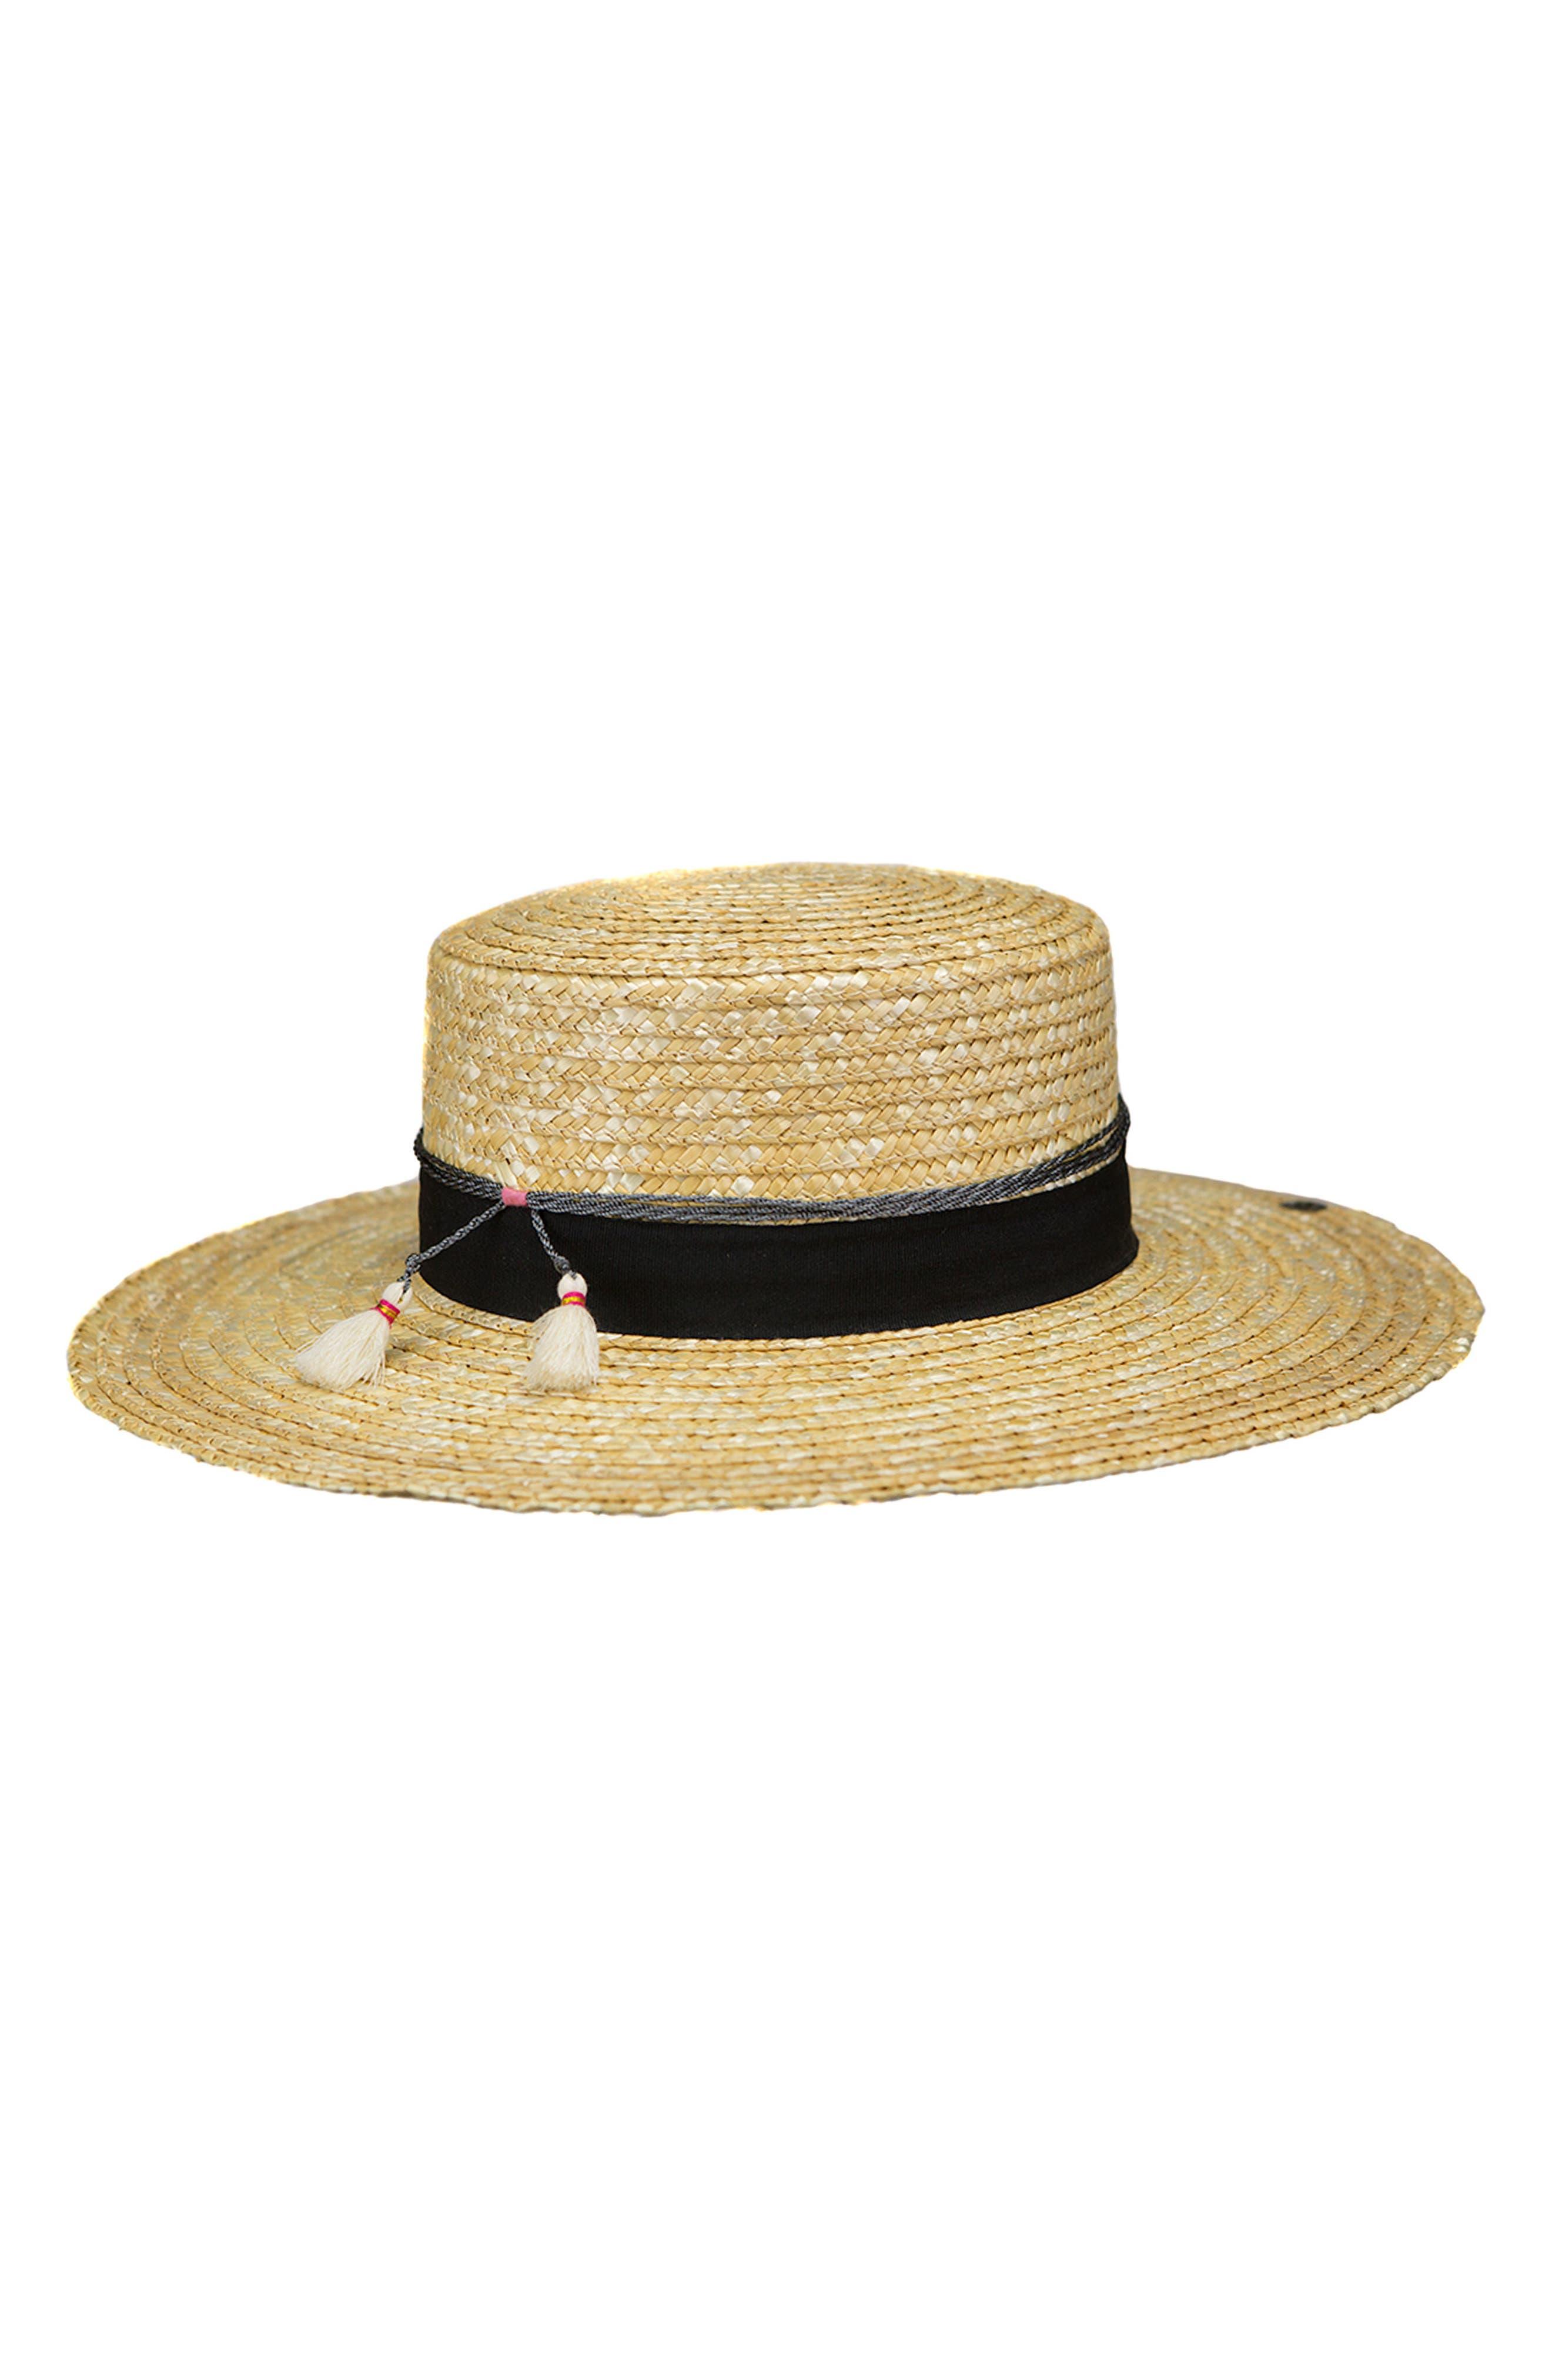 Teresa Wheat Straw Resort Hat,                         Main,                         color, NATURAL